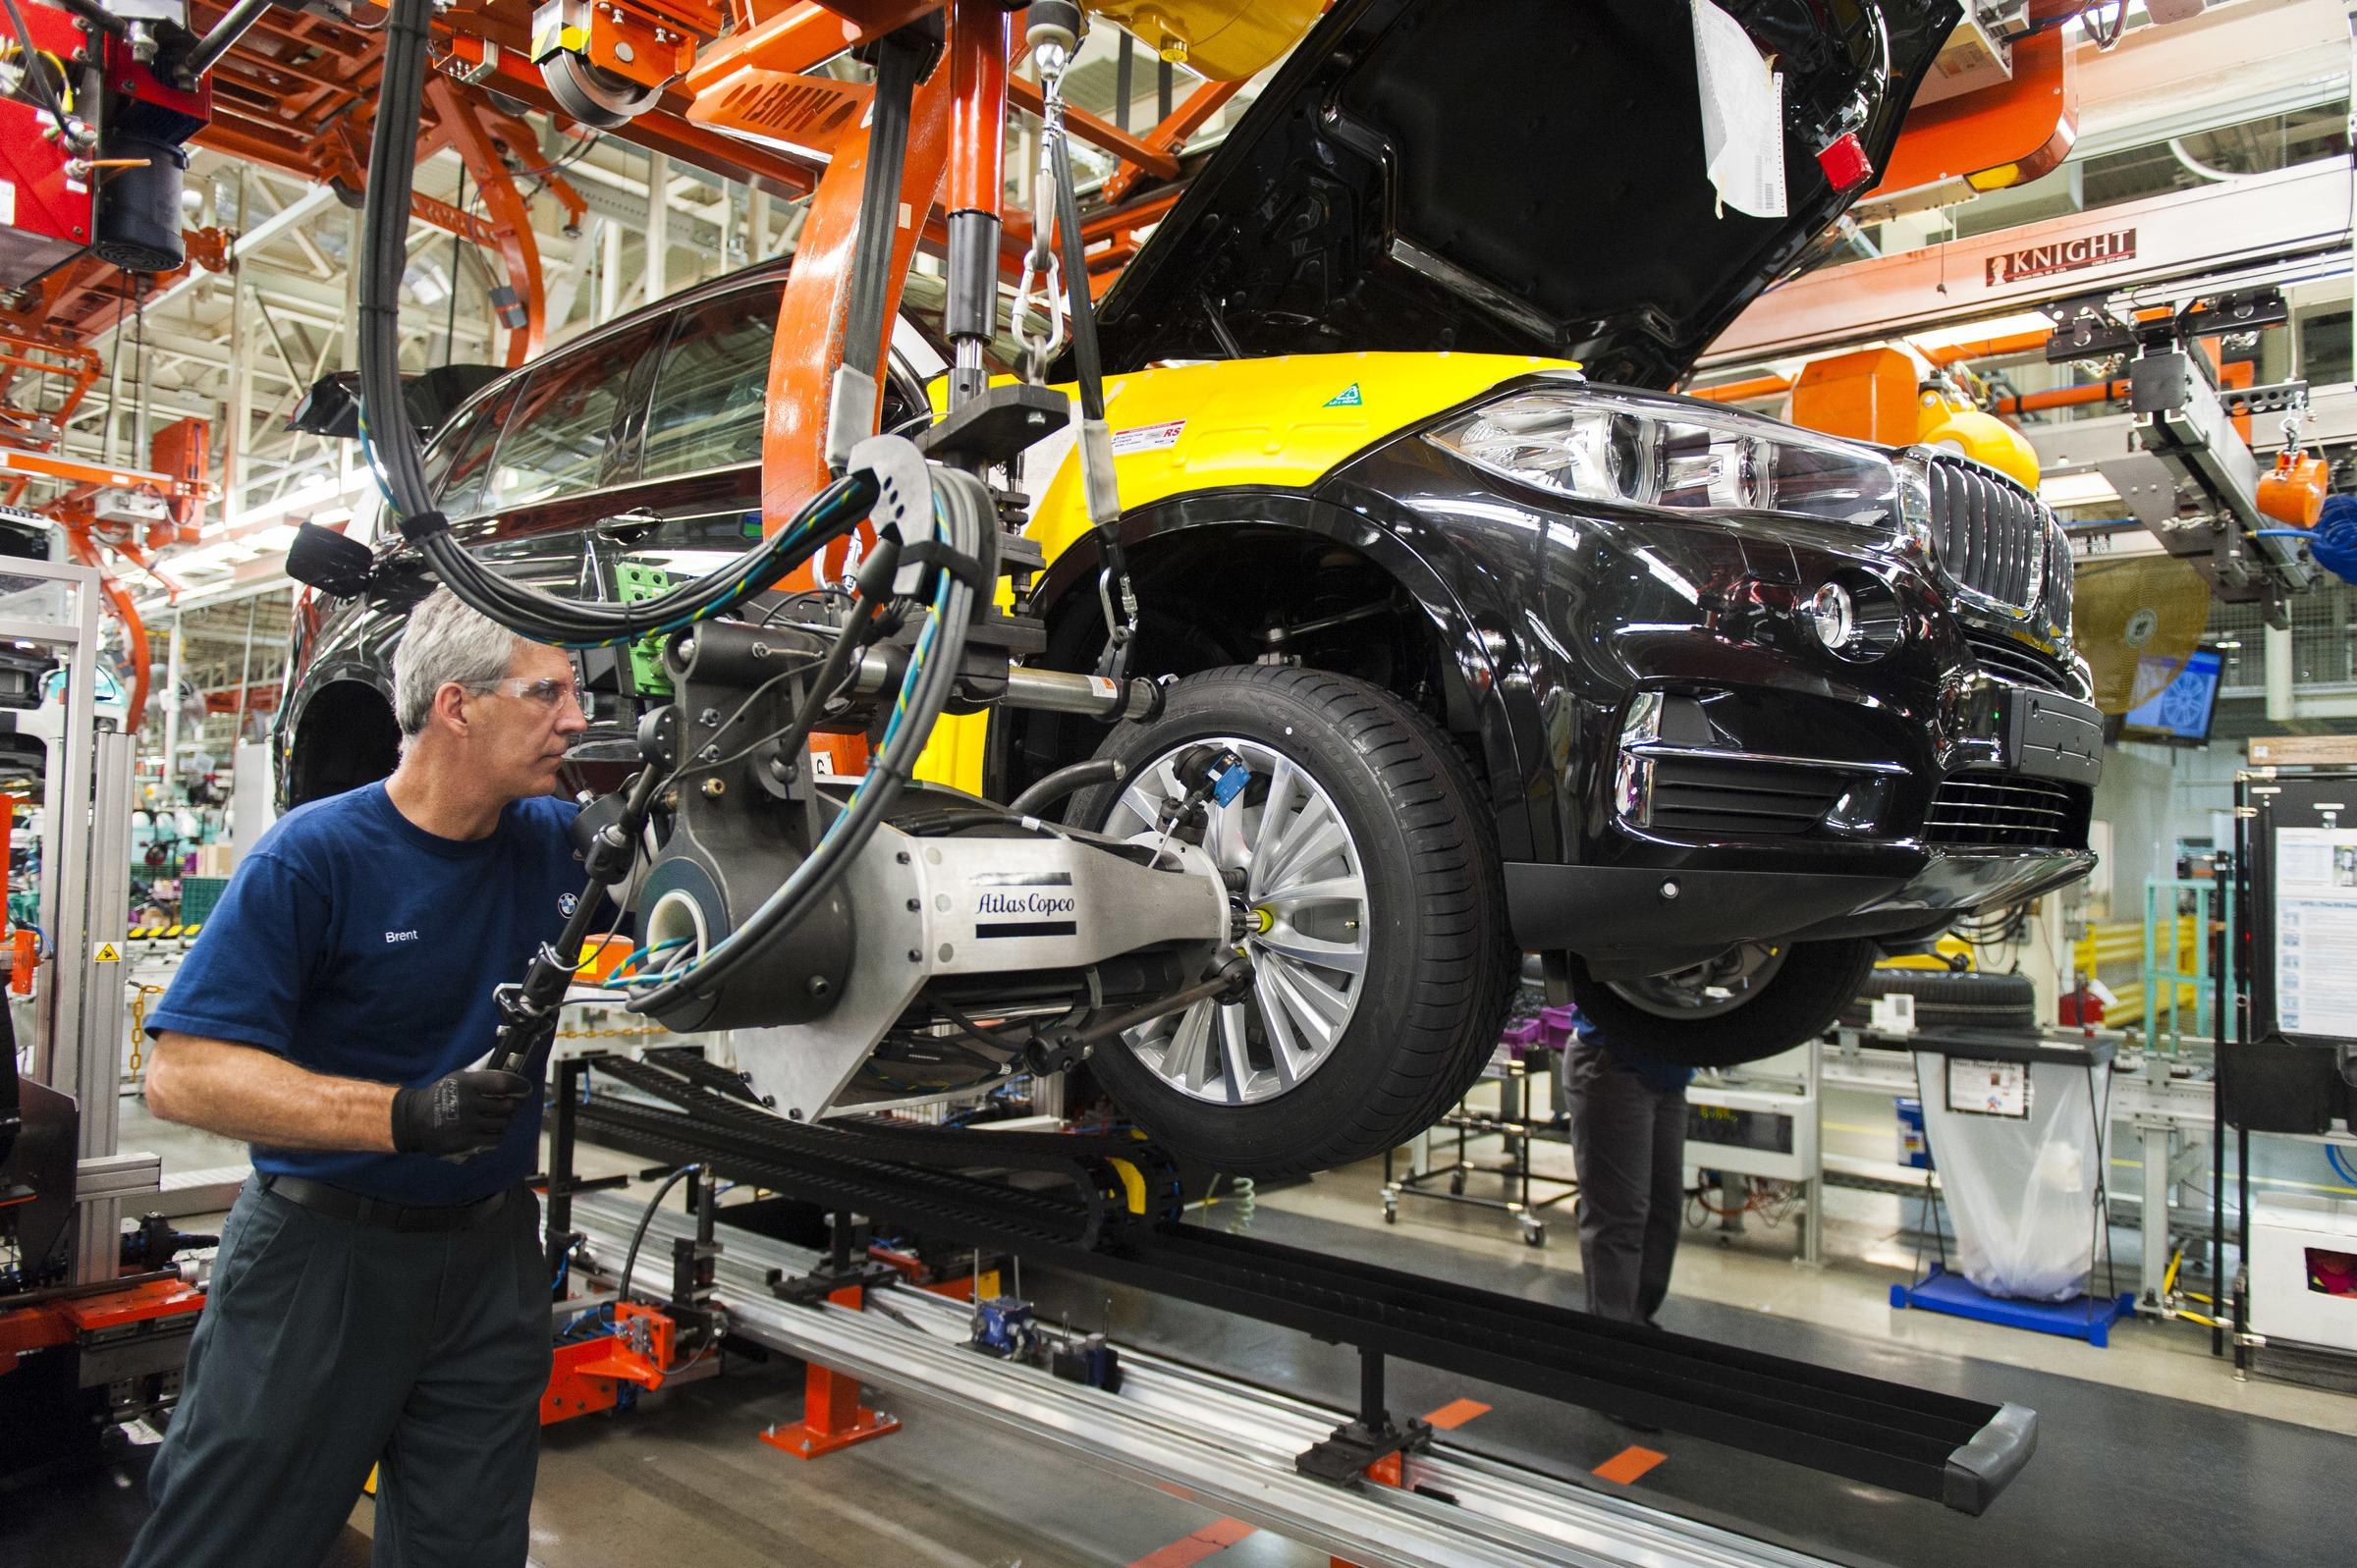 تباطؤ التصنيع في المملكة المتحدة قبل الموعد النهائي لبريكسيت